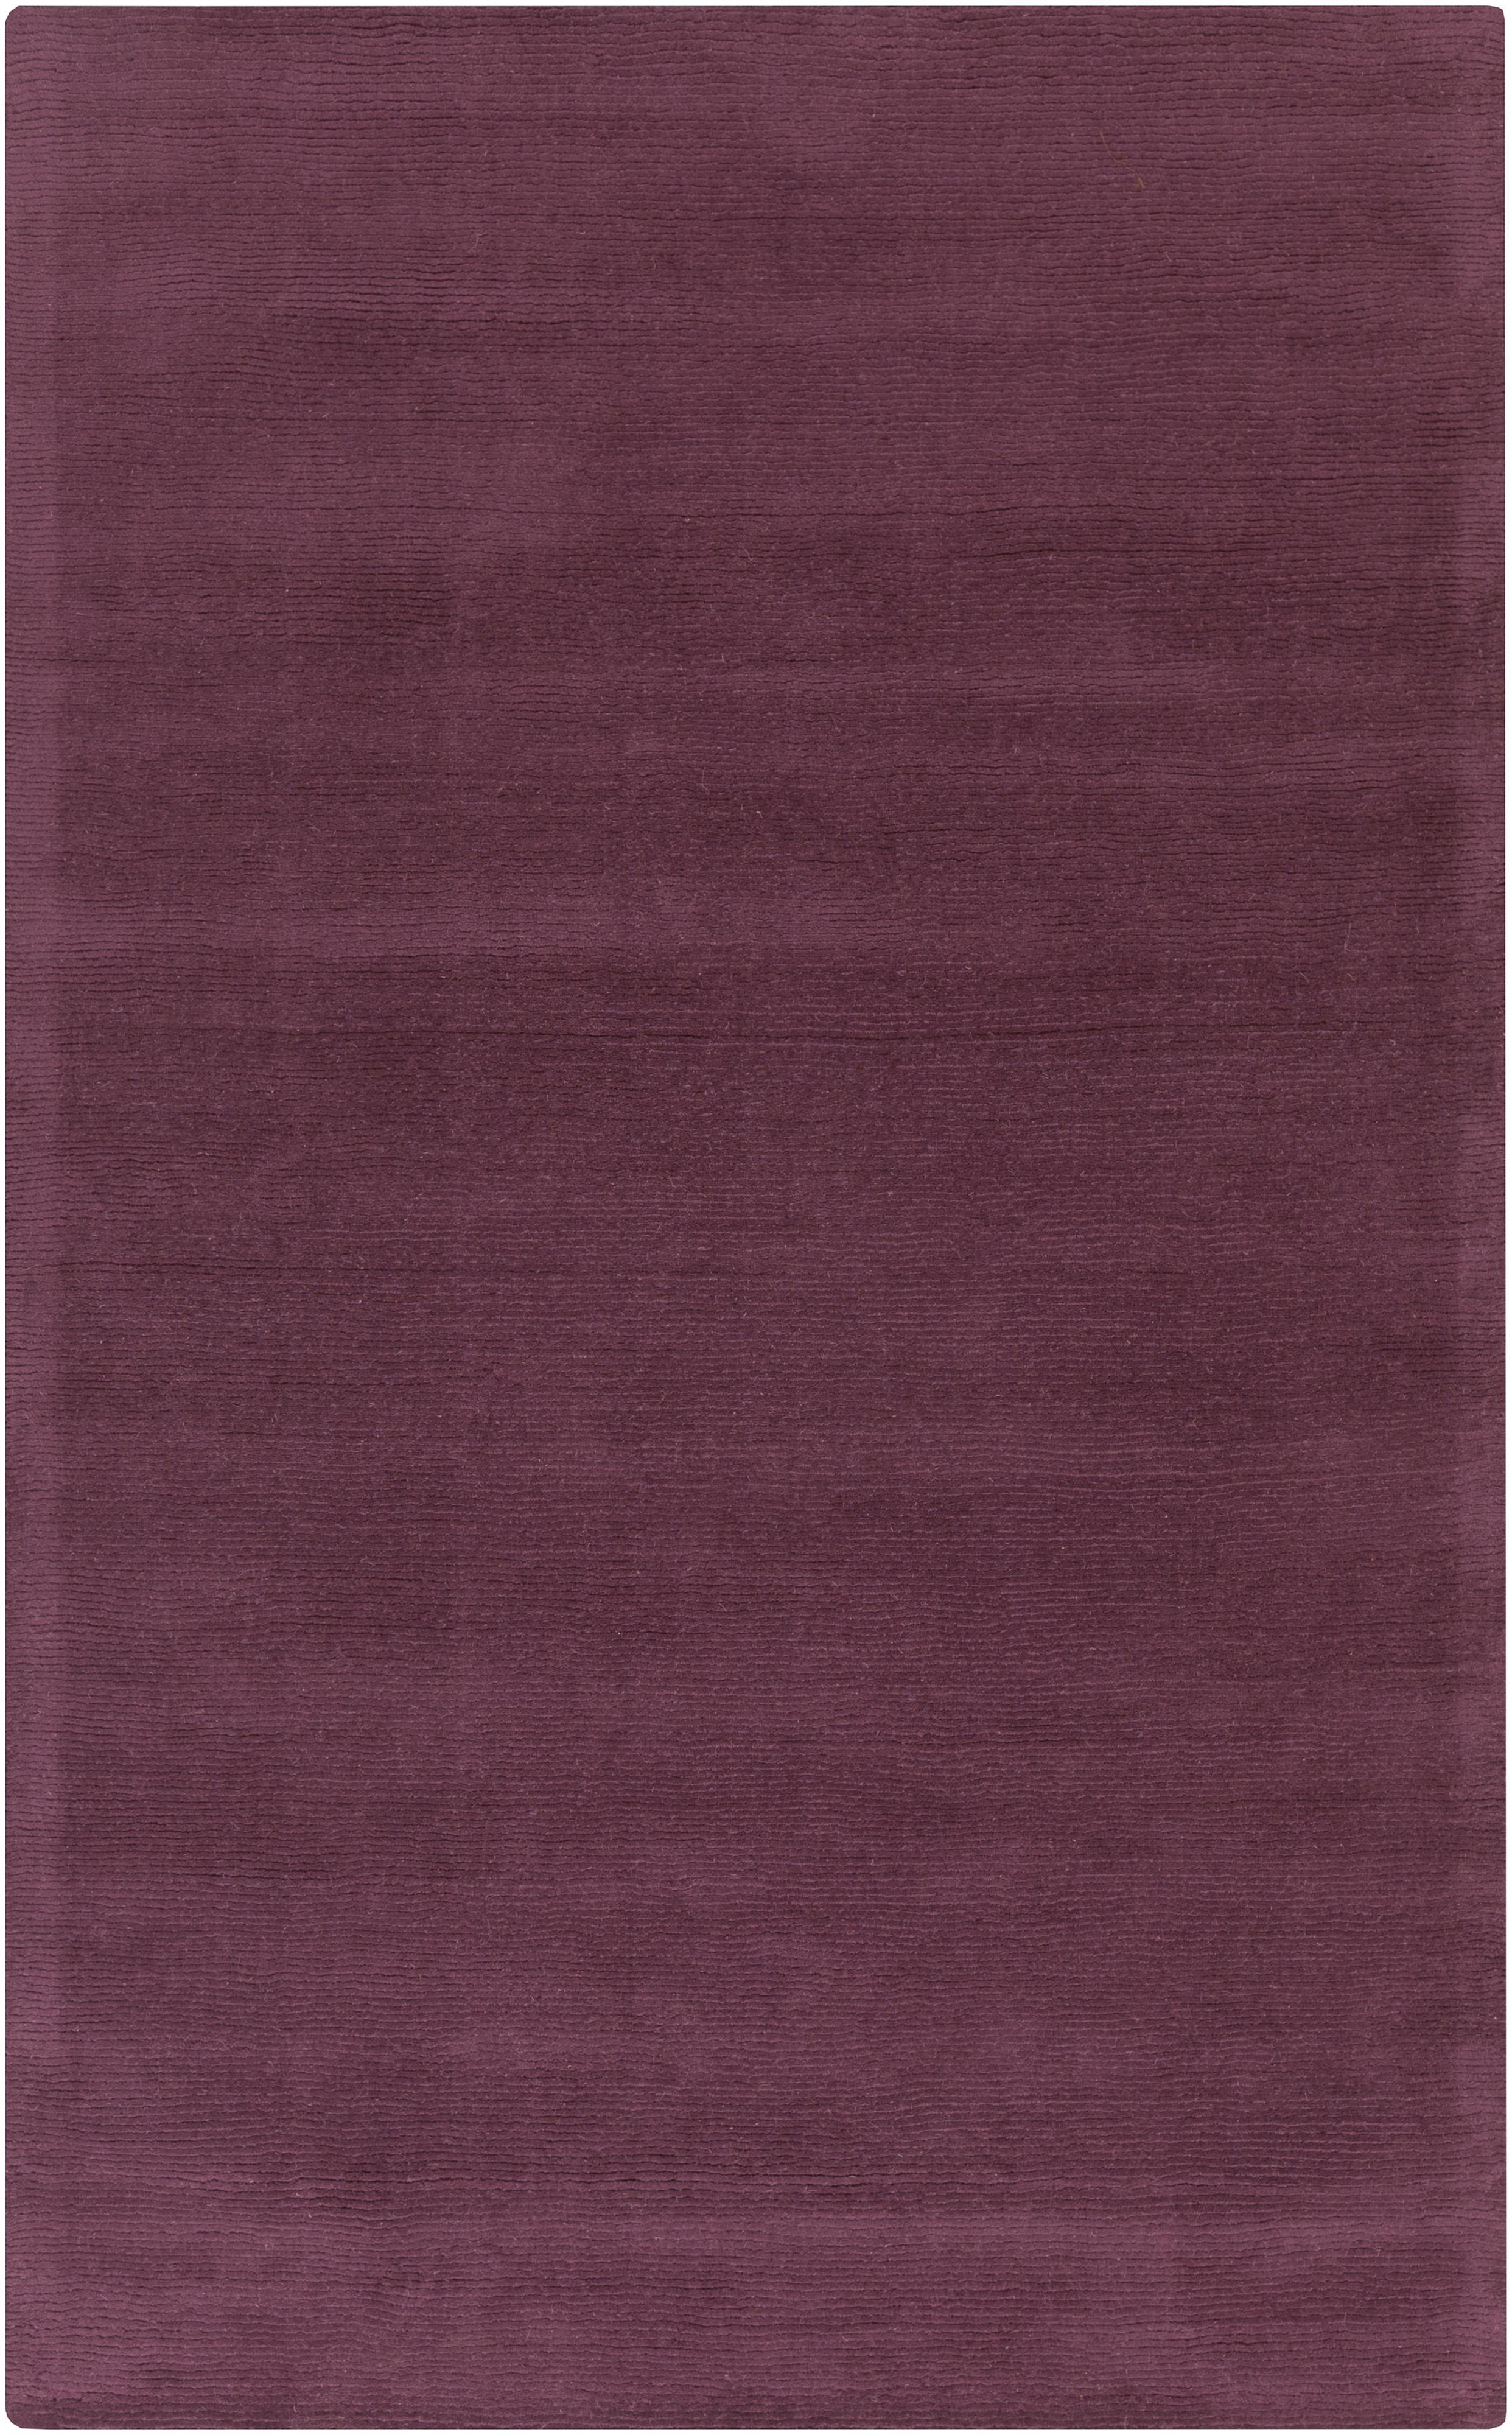 Surya Rugs Mystique 9' x 13' - Item Number: M5326-913